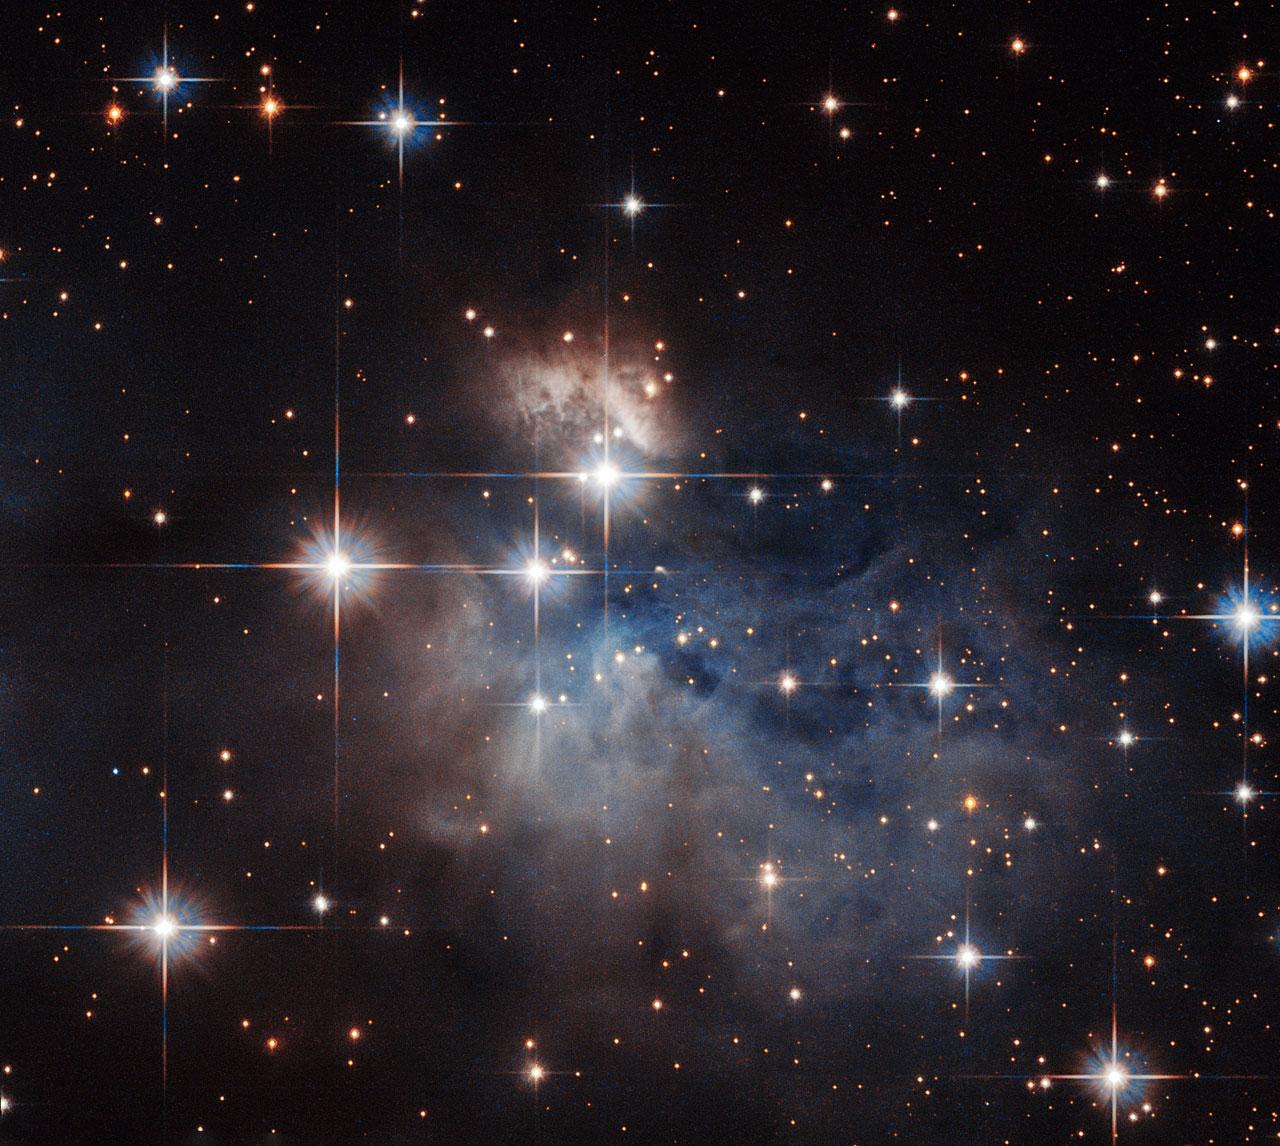 A stellar fingerprint